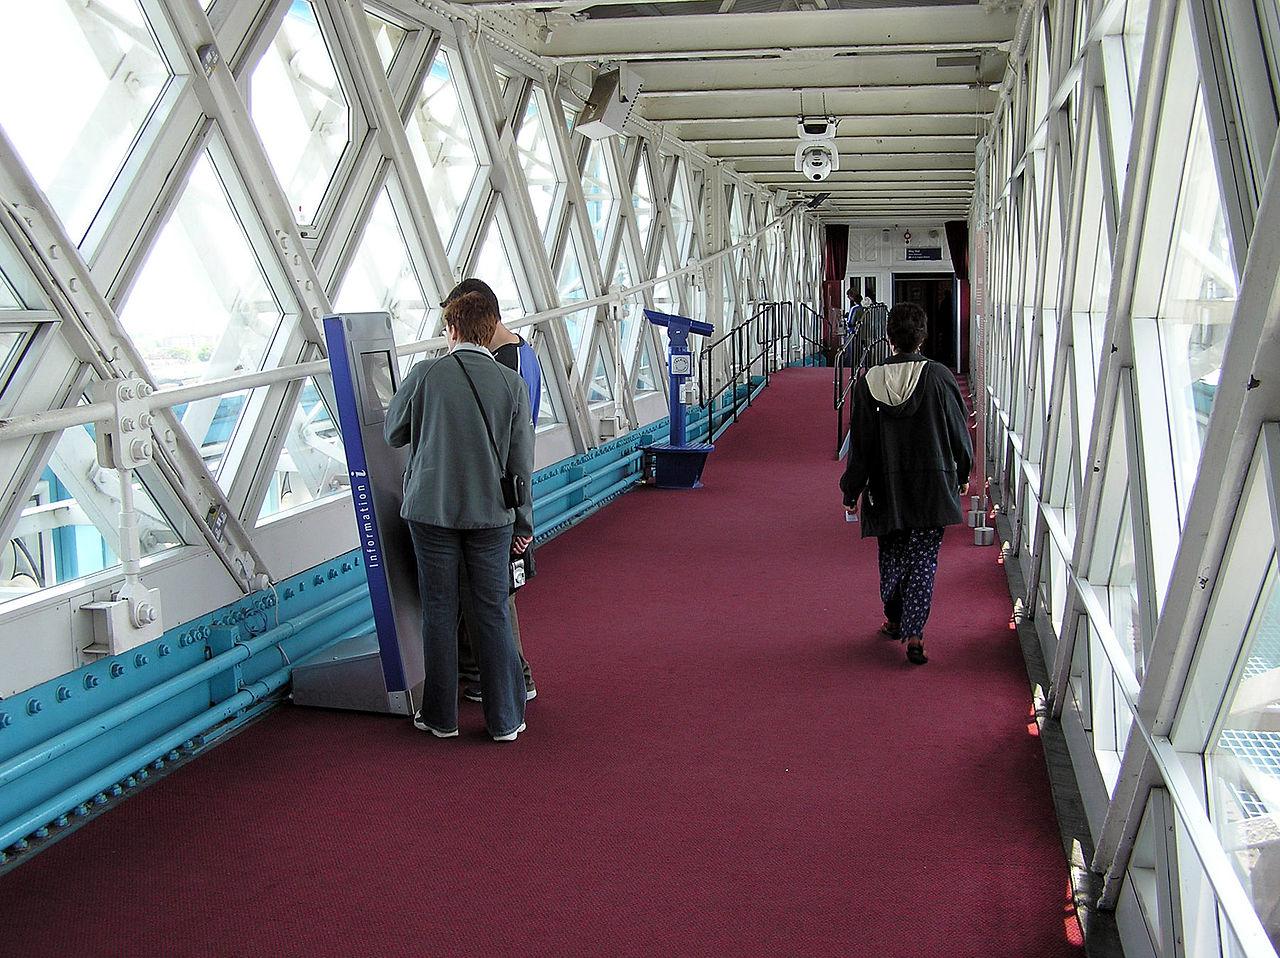 สะพานทาวเวอร์บริดจ์-ทางเดินสำหรับนักท่องเที่ยว